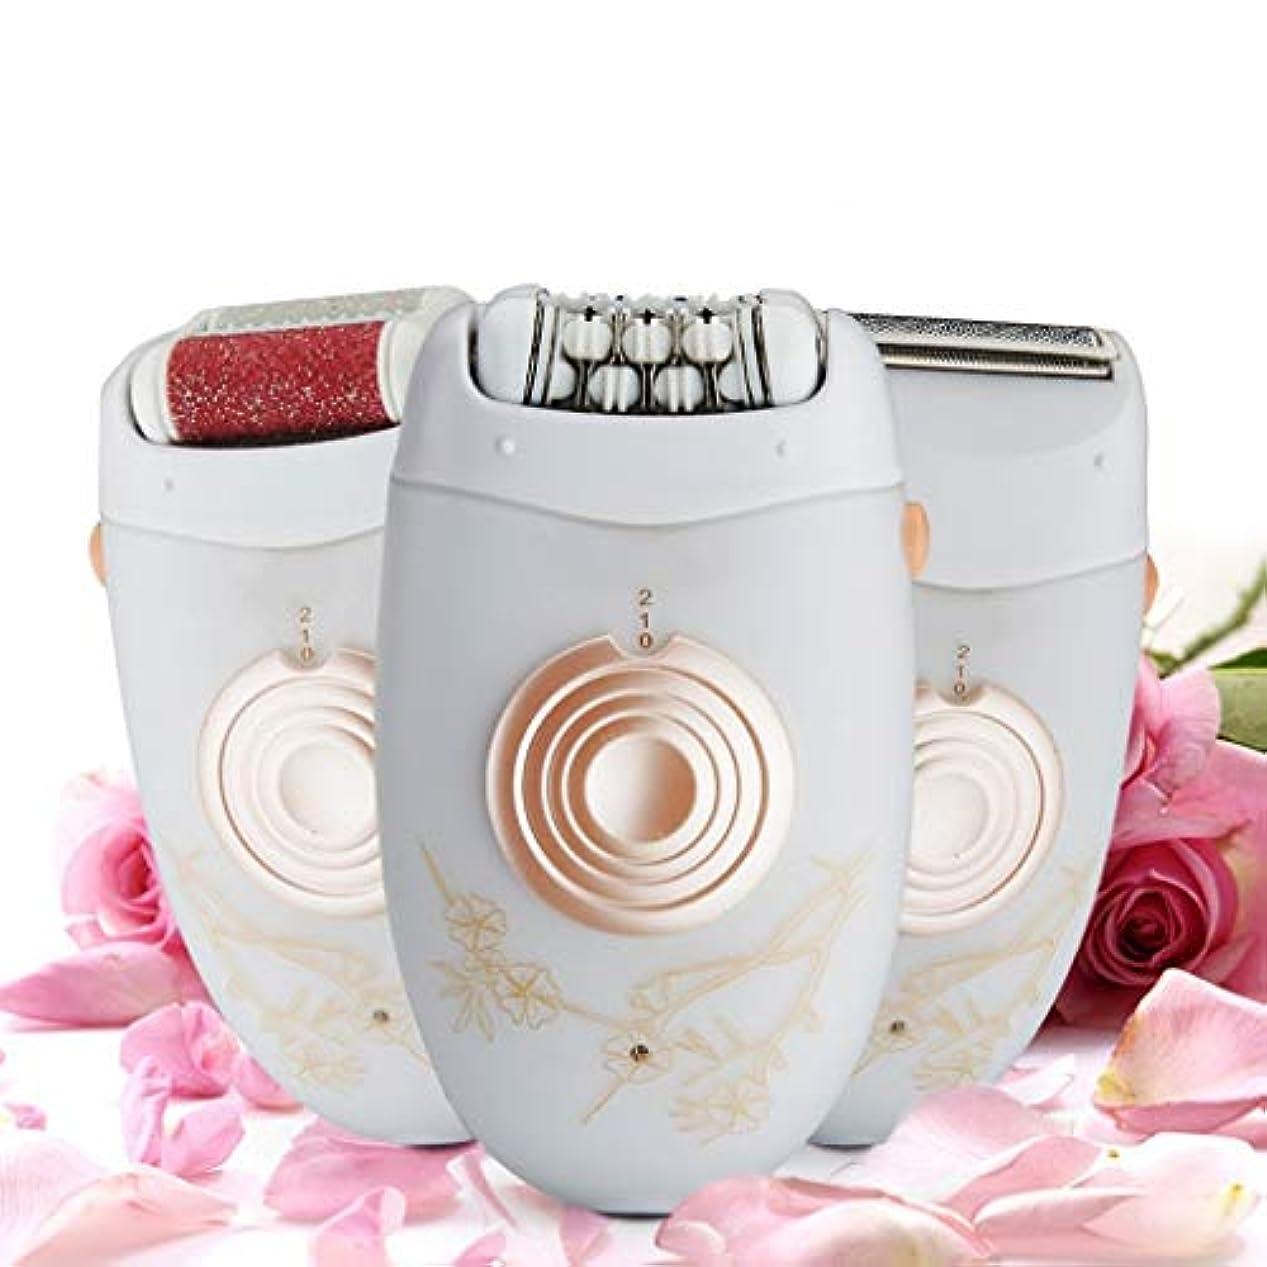 ピット飲料報復する女性の電気かみそり、顔の毛の除去剤充電式ポータブル脱毛器3 in 1脱毛、シェービング、身体、顔、ビキニ、脇の下の研削足 (Color : White)